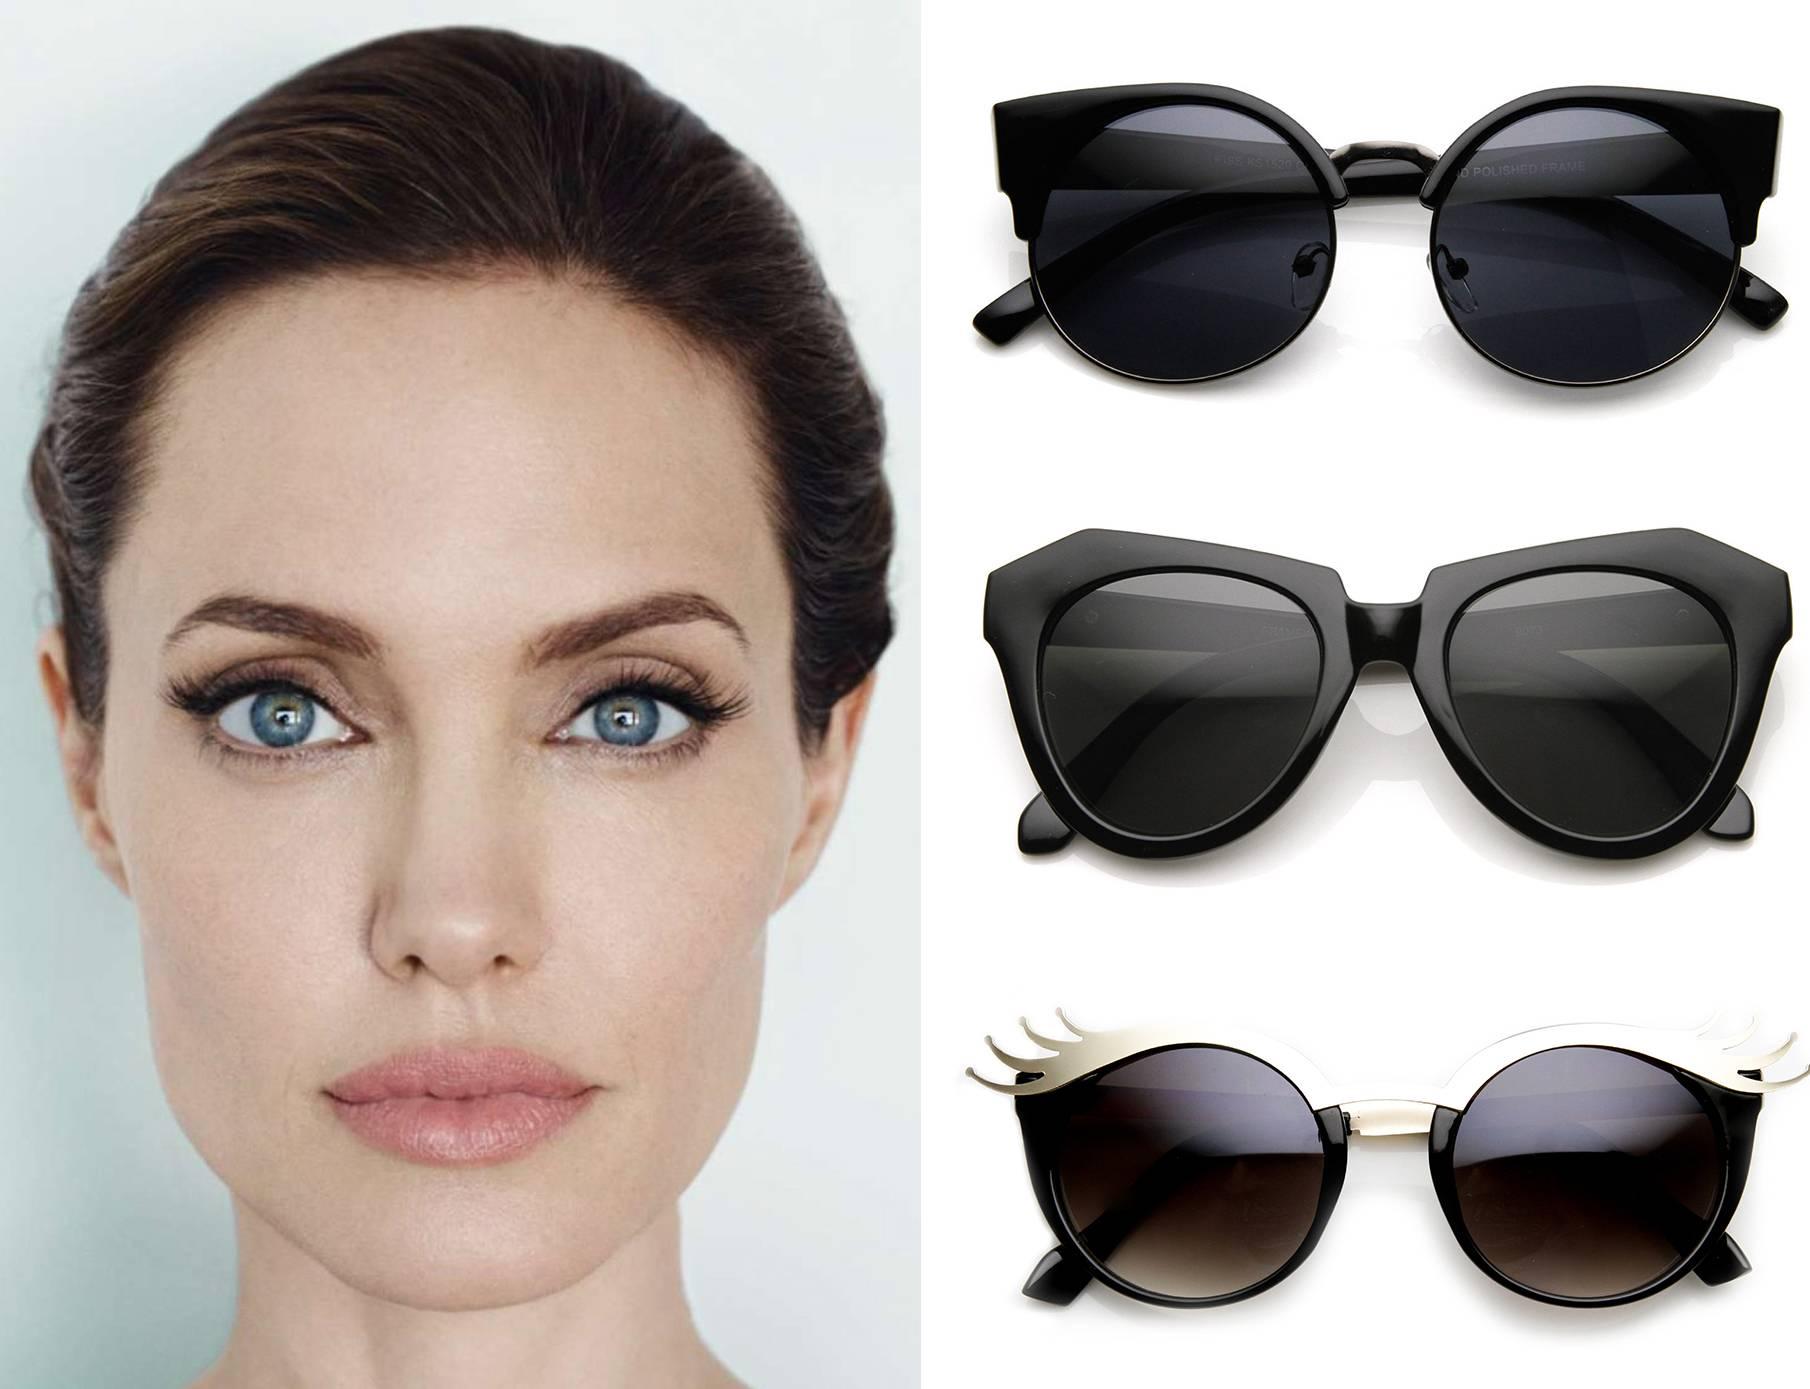 Круглые очки для зрения - кому подойдут, женские и мужские модели